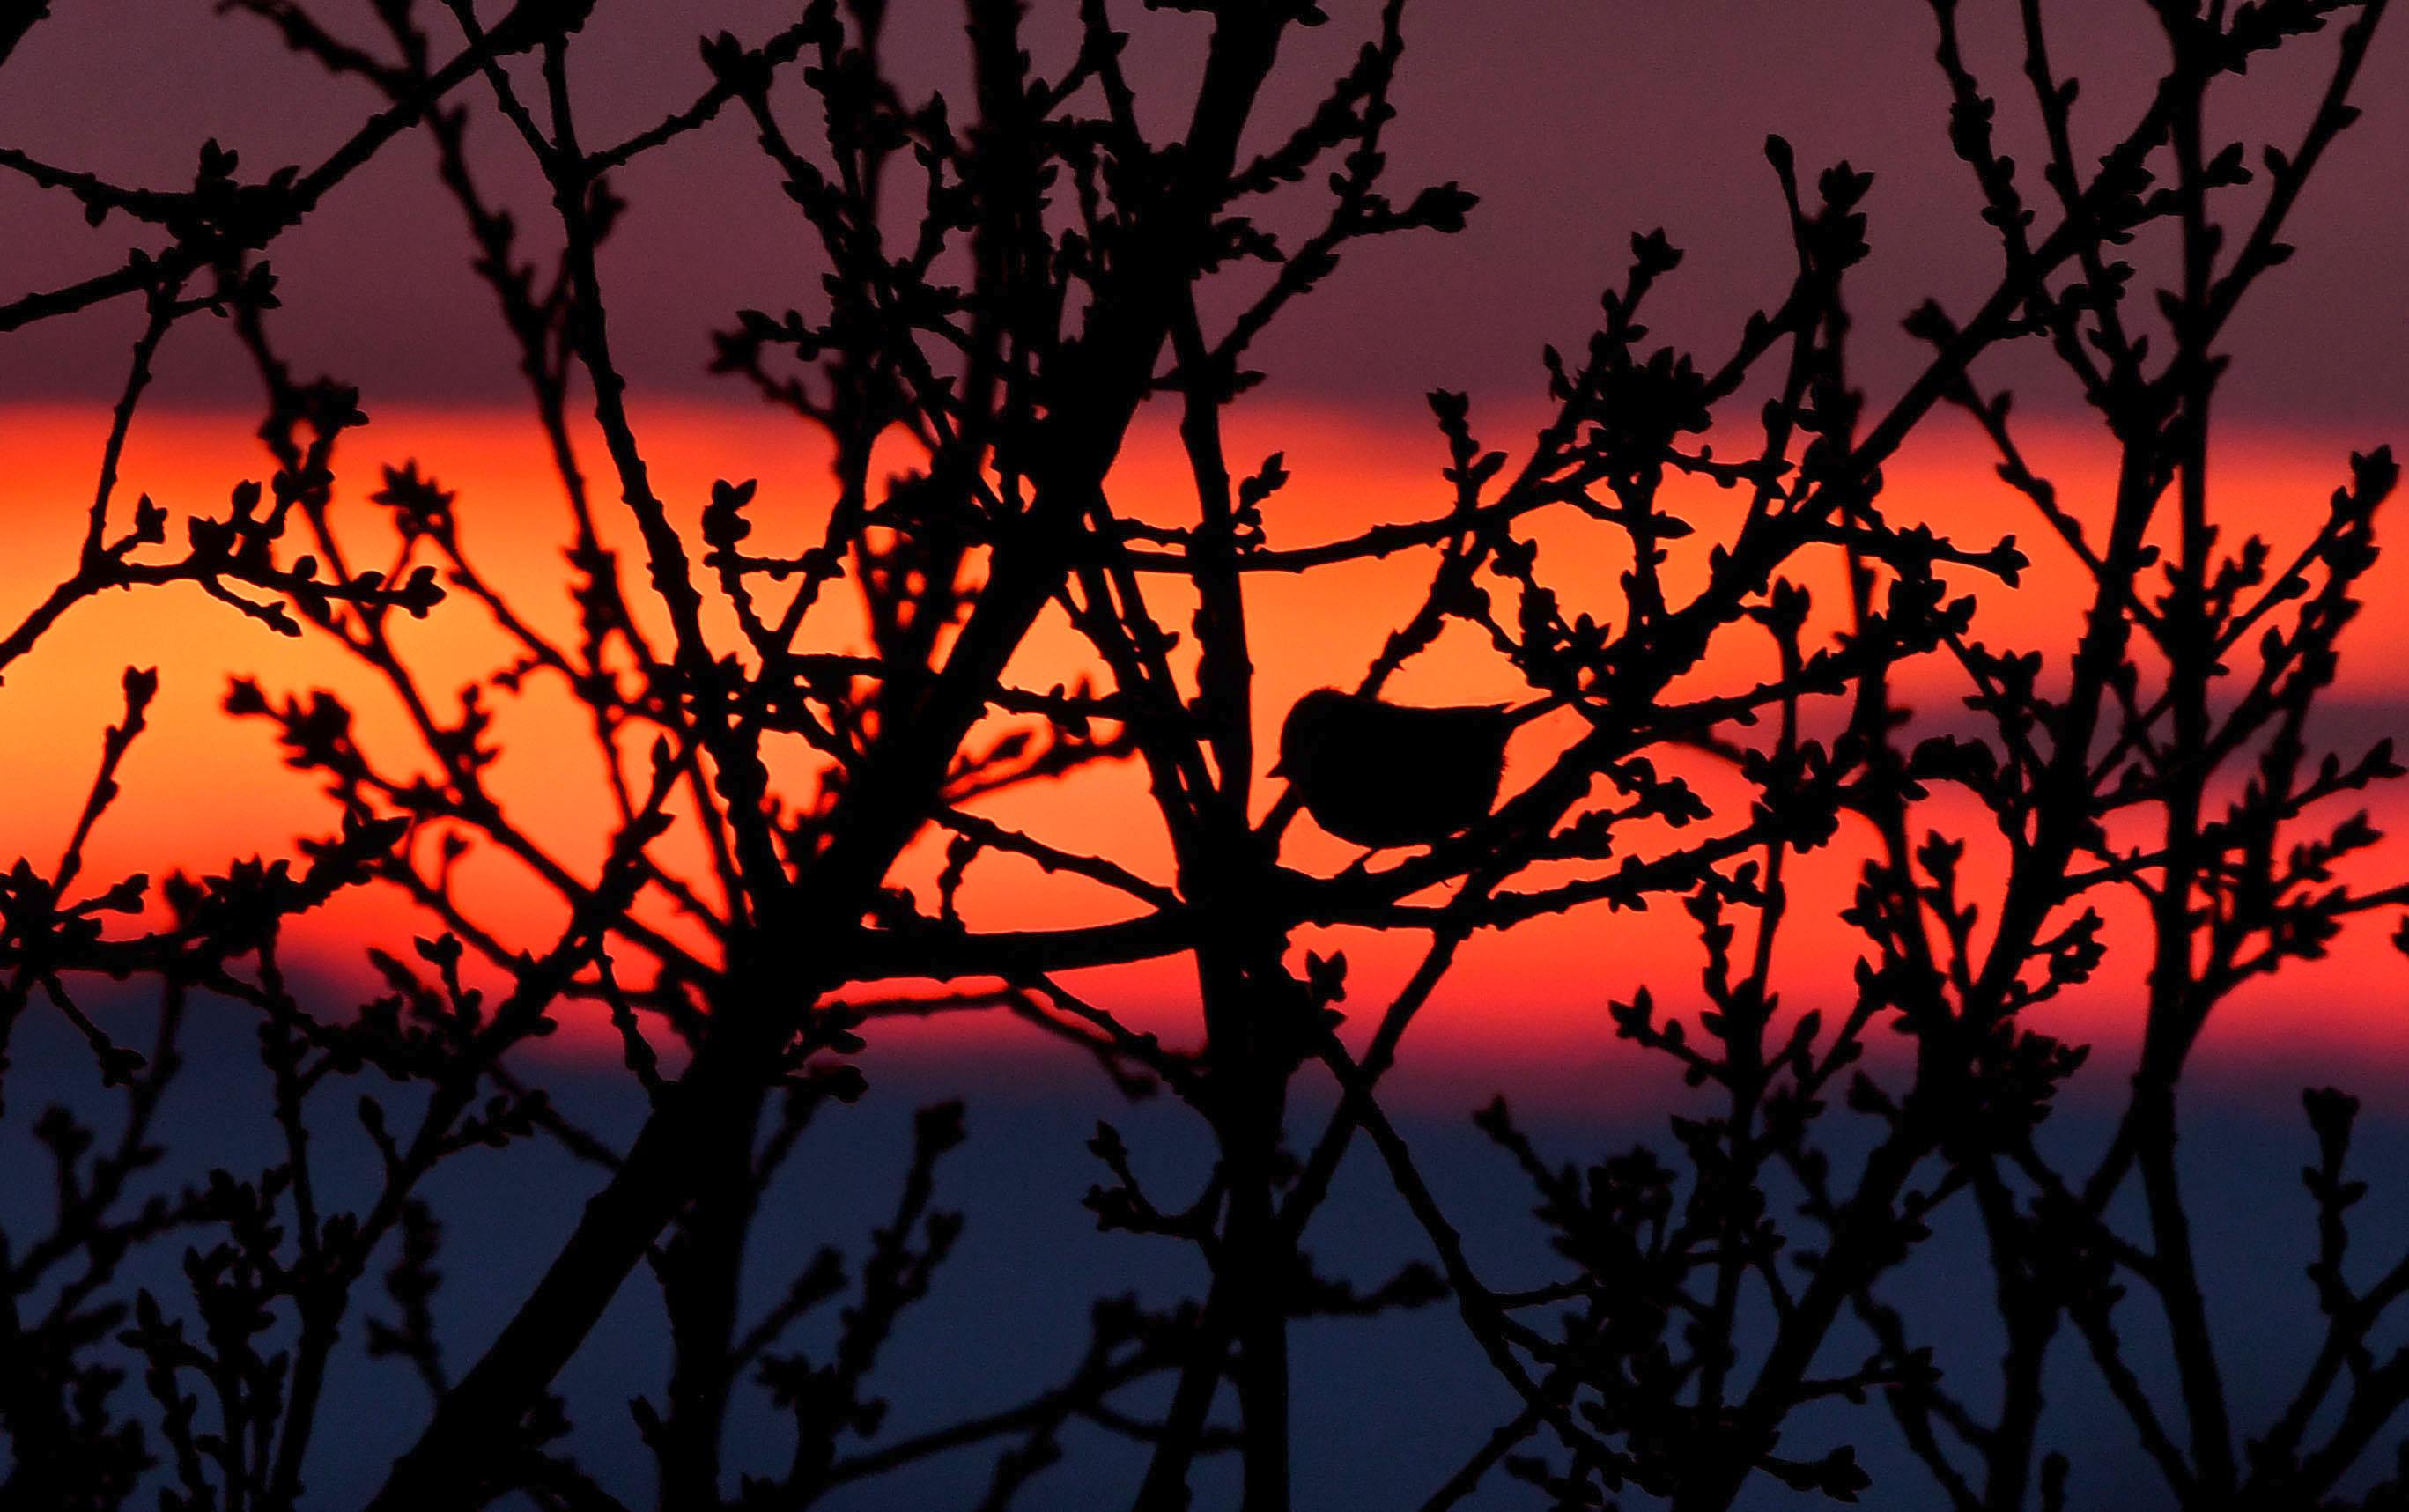 Het silhouet van de pimpelmees is nauwelijks zichtbaar tussen de wirwar van takken. - Foto: ©Louis Fraanje.